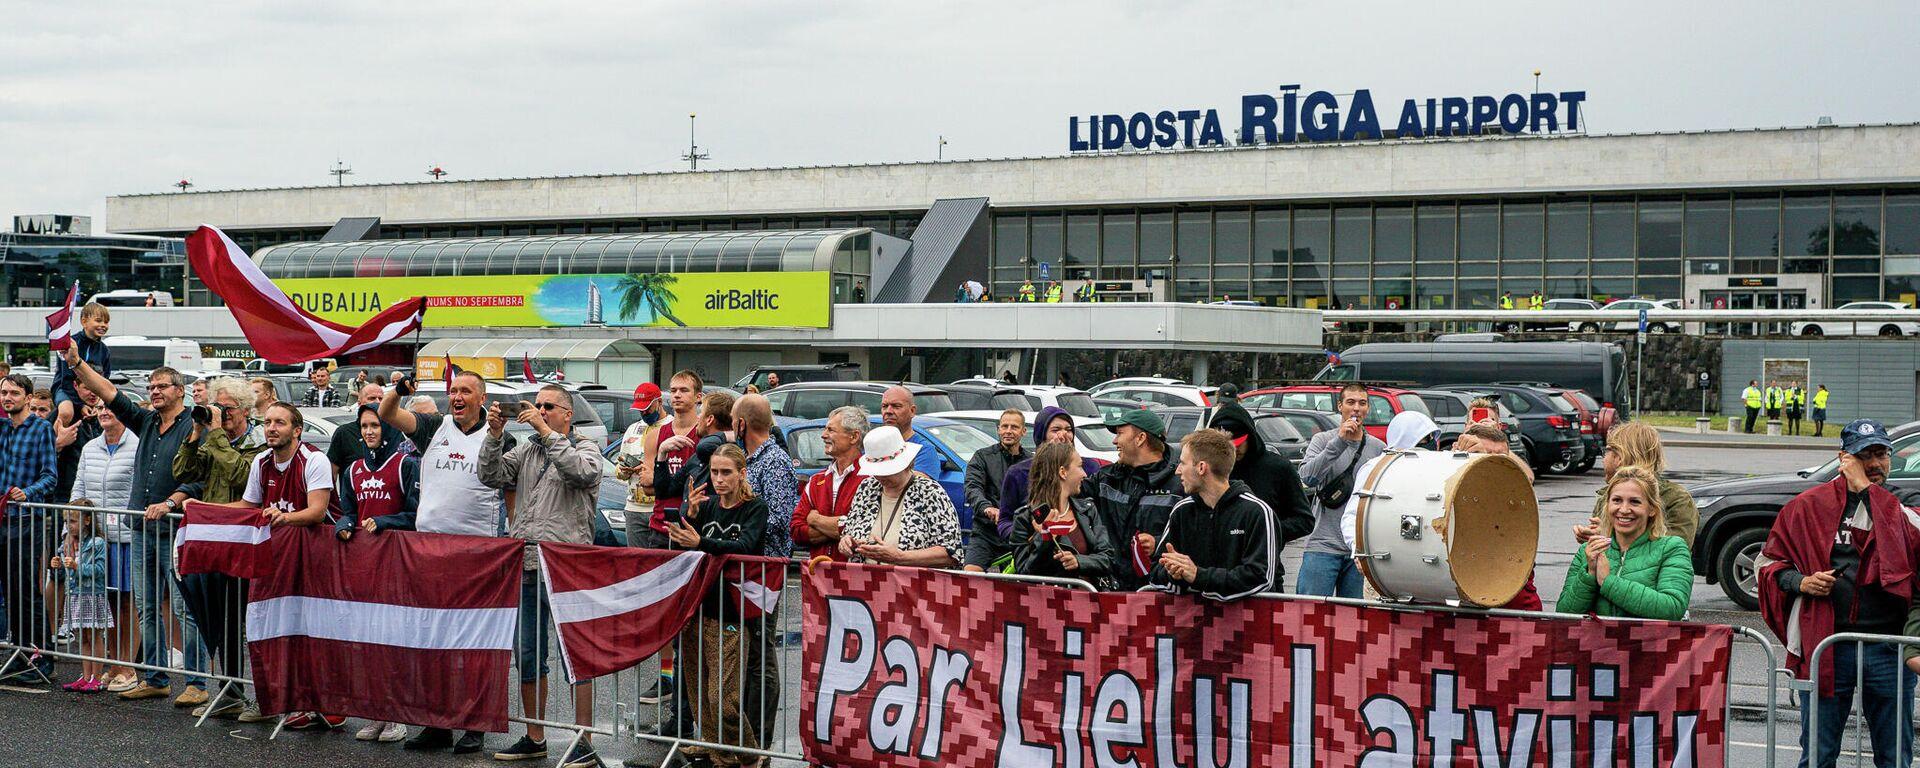 Латвийских баскетболистов встречают в аэропорту Риги - Sputnik Латвия, 1920, 31.07.2021